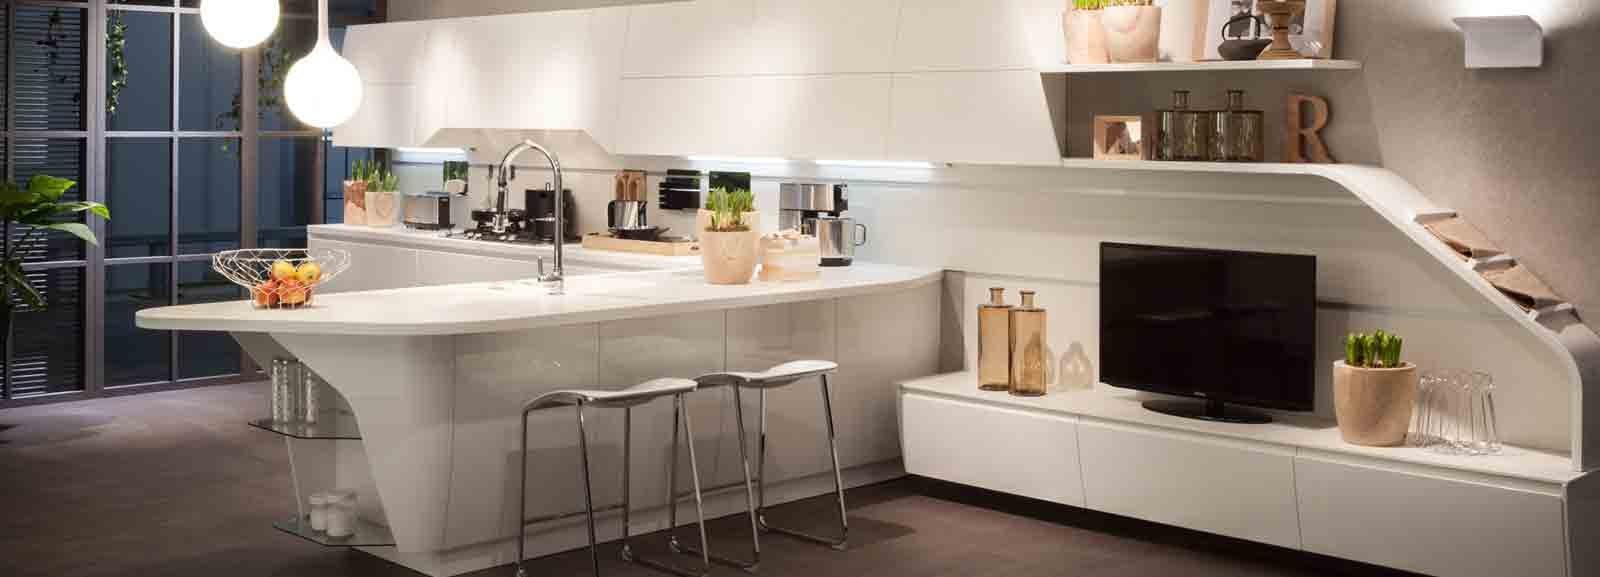 Cucina e soggiorno openspace funzioni divise o spiccata - Cucine 3 metri scavolini ...